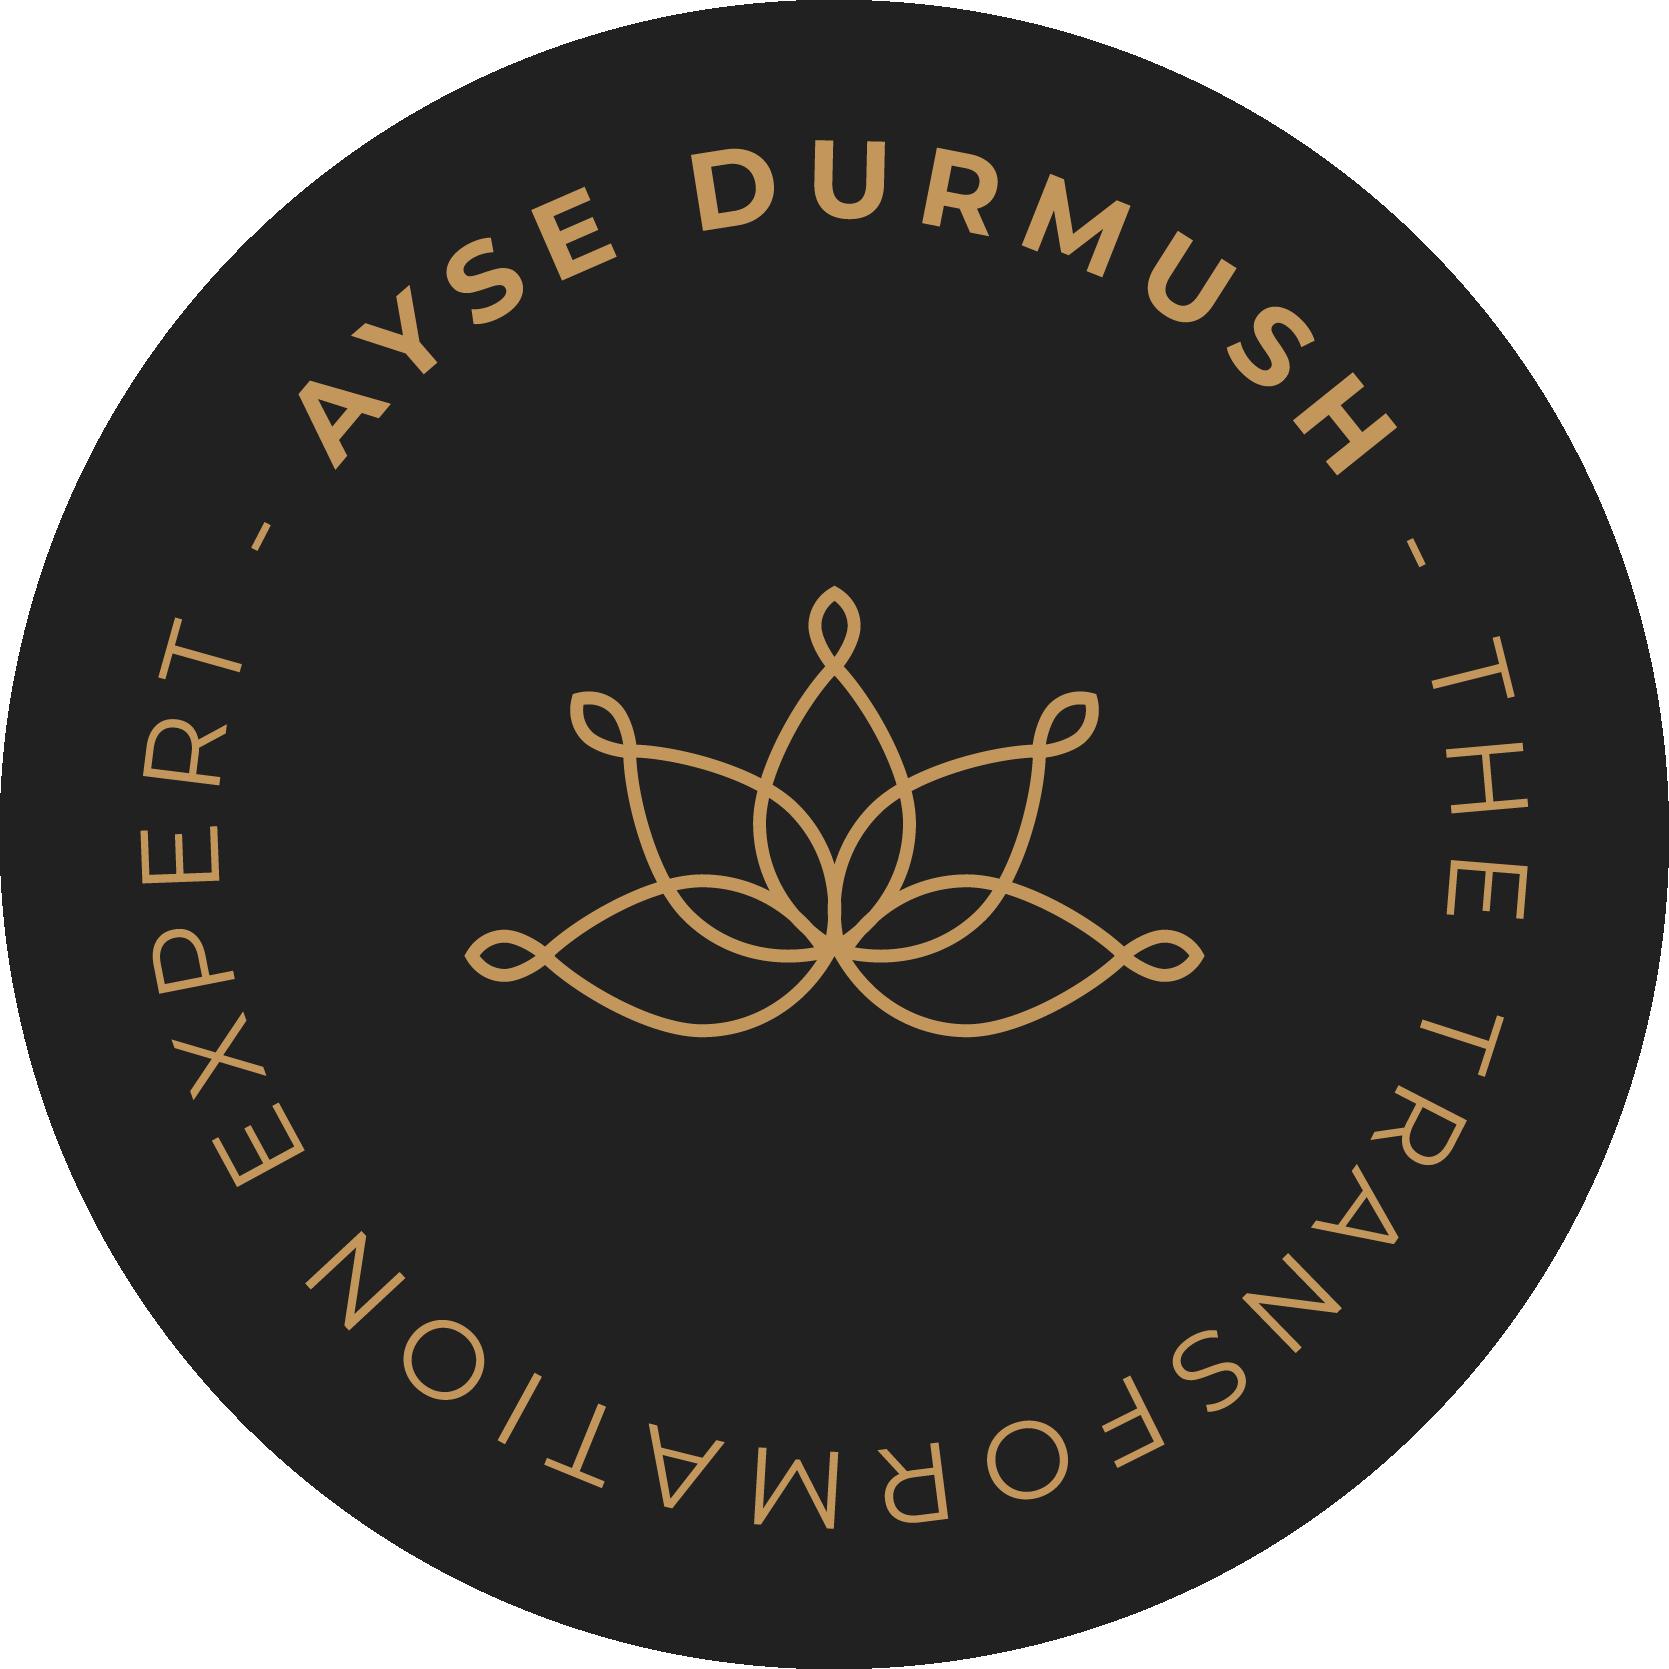 Ayse Durmush